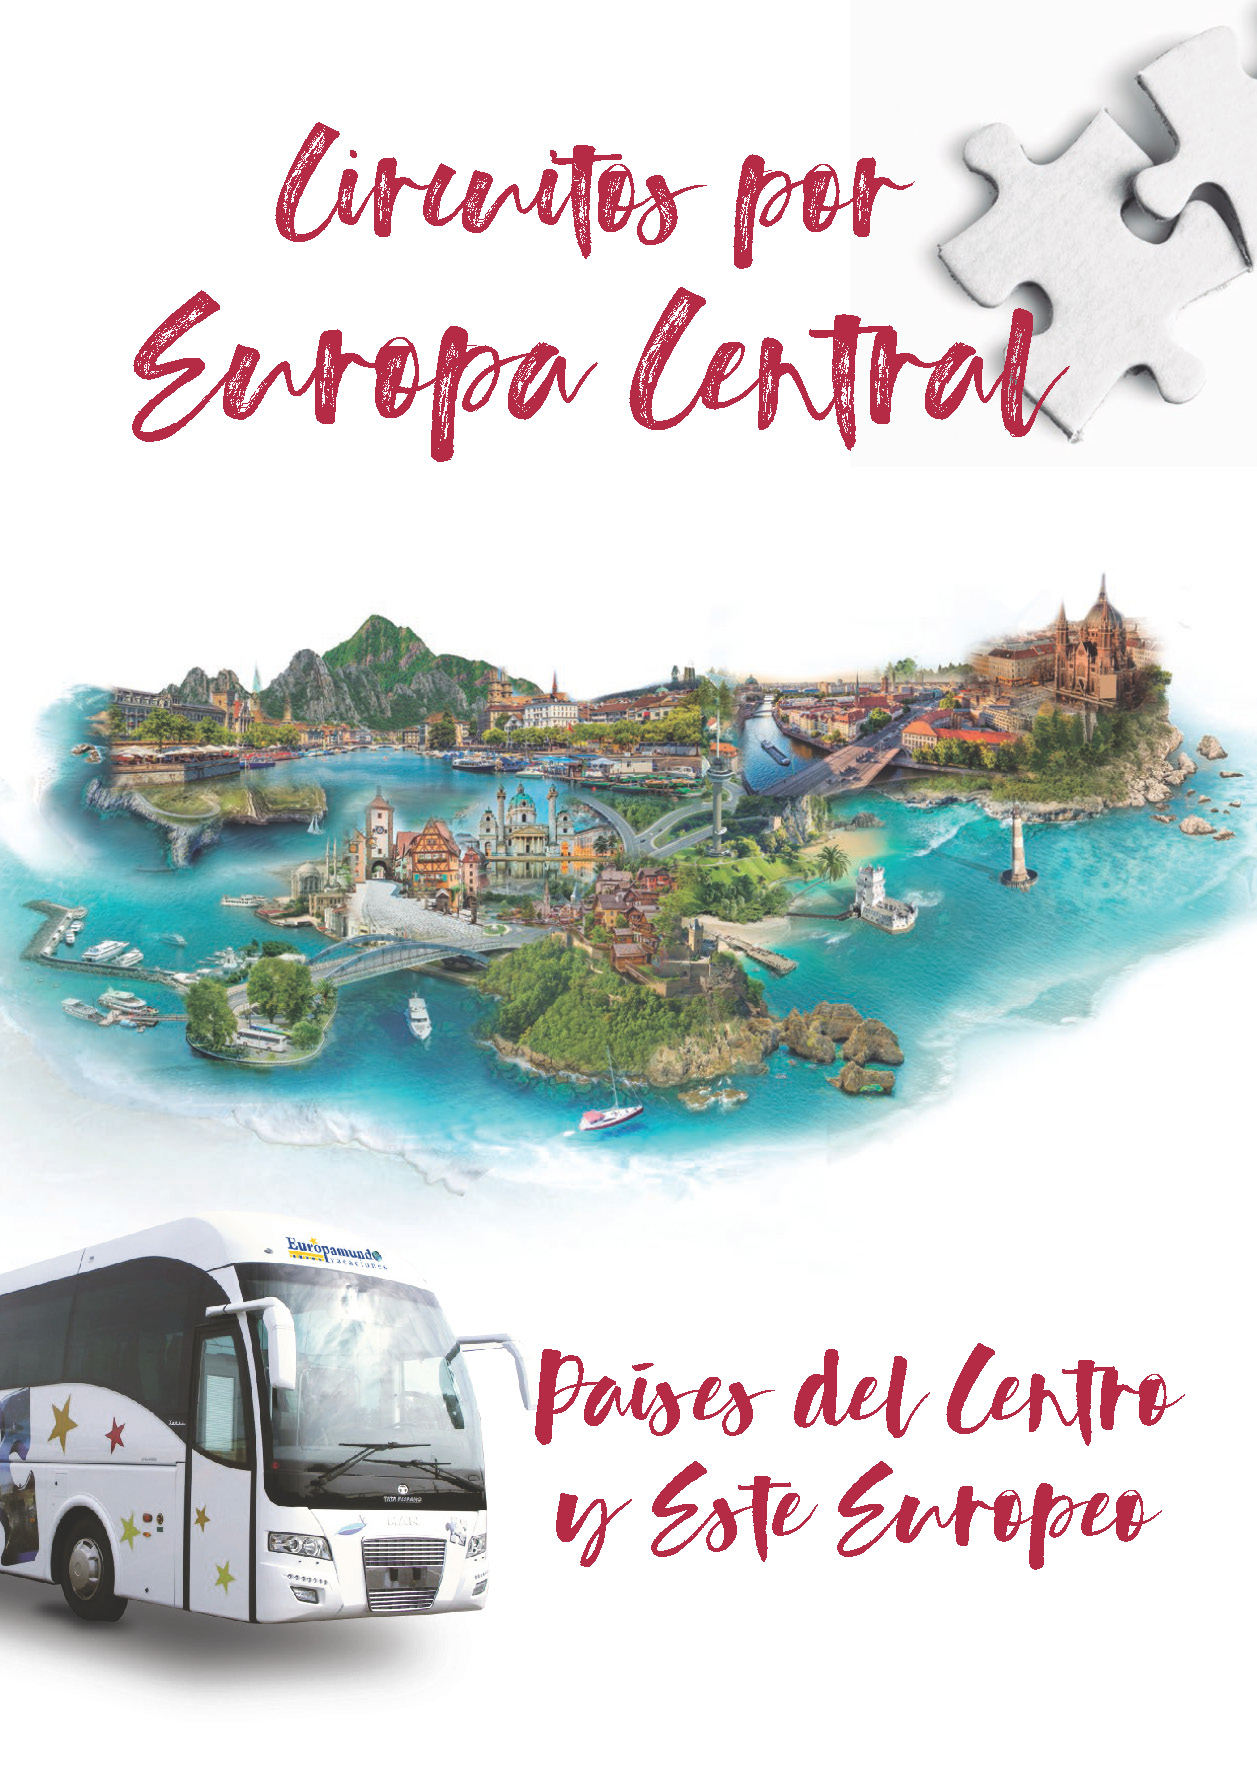 Catalogo Europamundo Vacaciones Europa Central y del Este 2018-2019